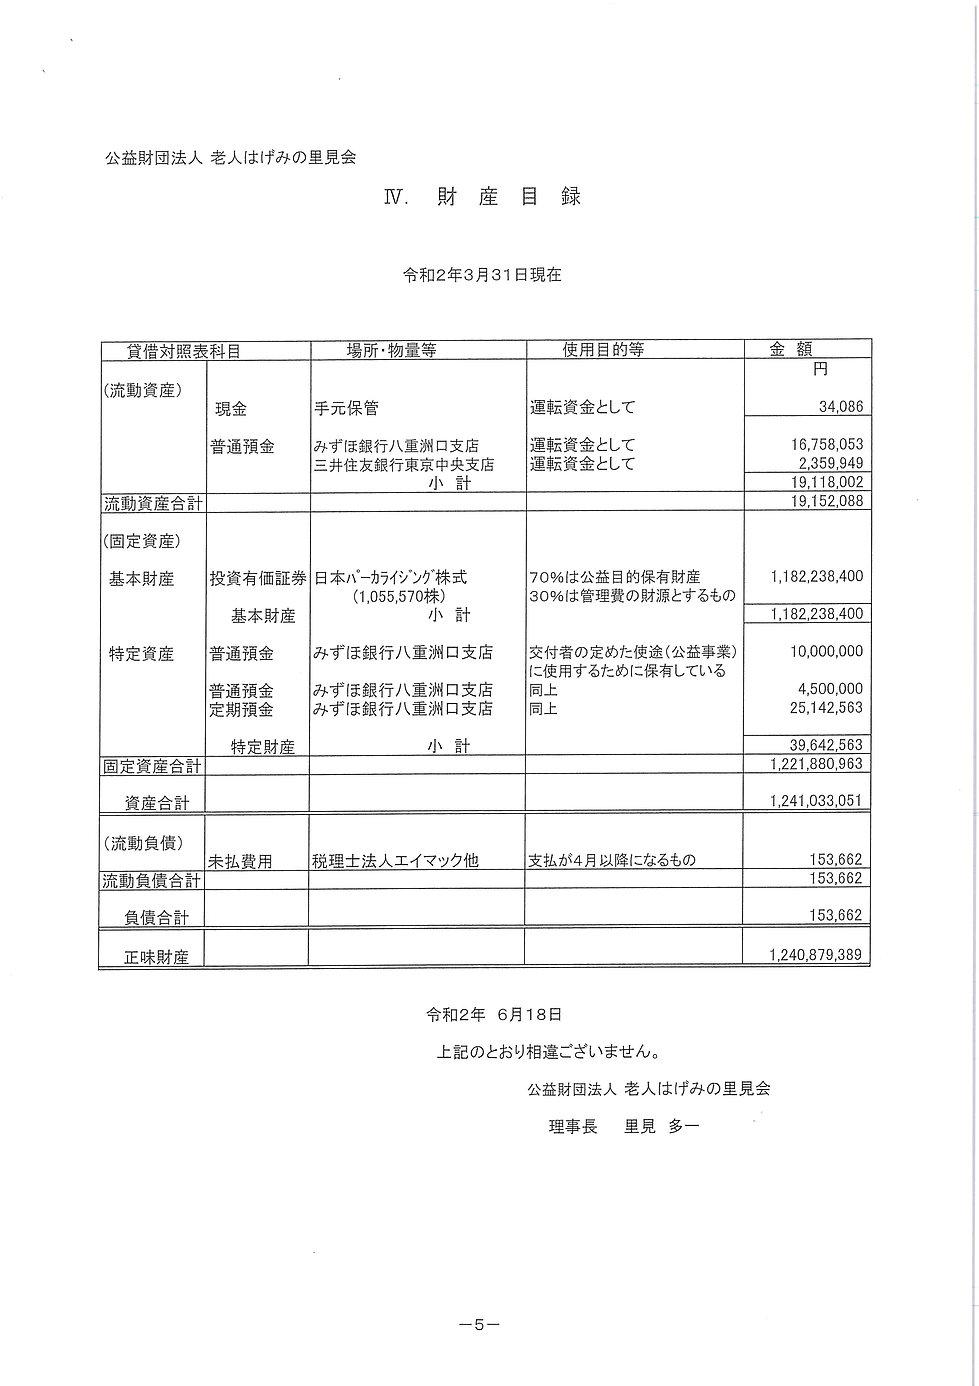 7 財産目録.jpg